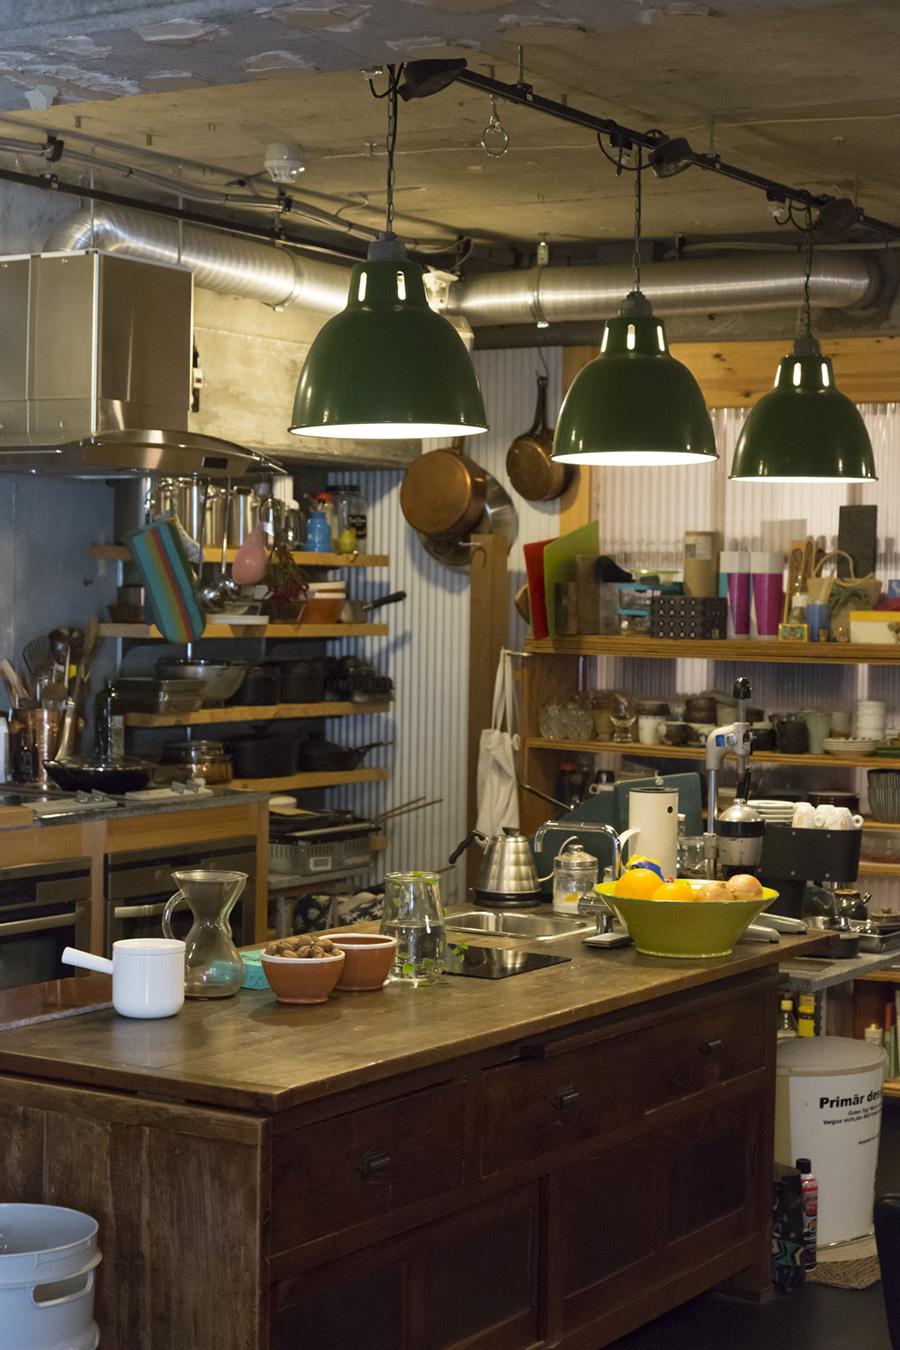 古い家具の天板を抜いて、シンクや電気コンロを埋め込んでキッチンカウンターにしてしまう荒業。